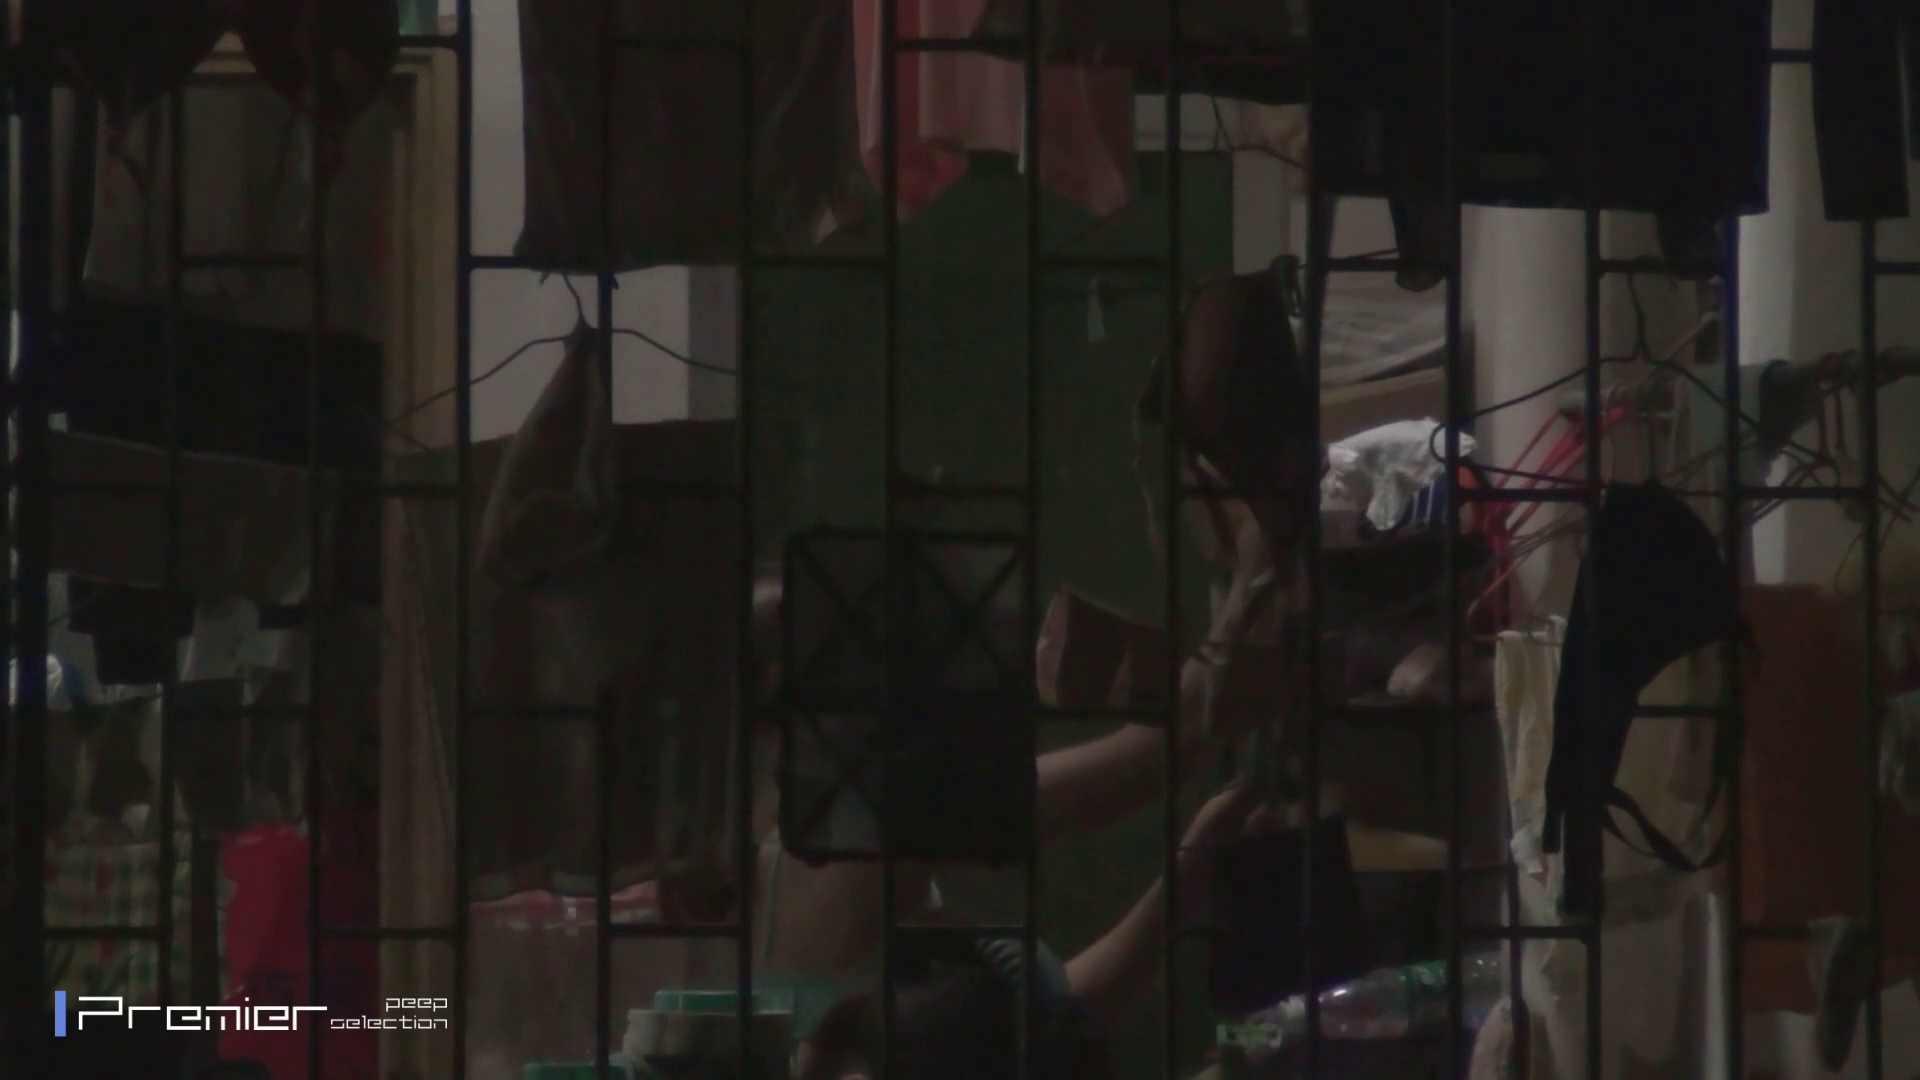 美女の痴態に密着!洗濯物を干す女 Vol.07 美女H映像 | 洗面所  29画像 21